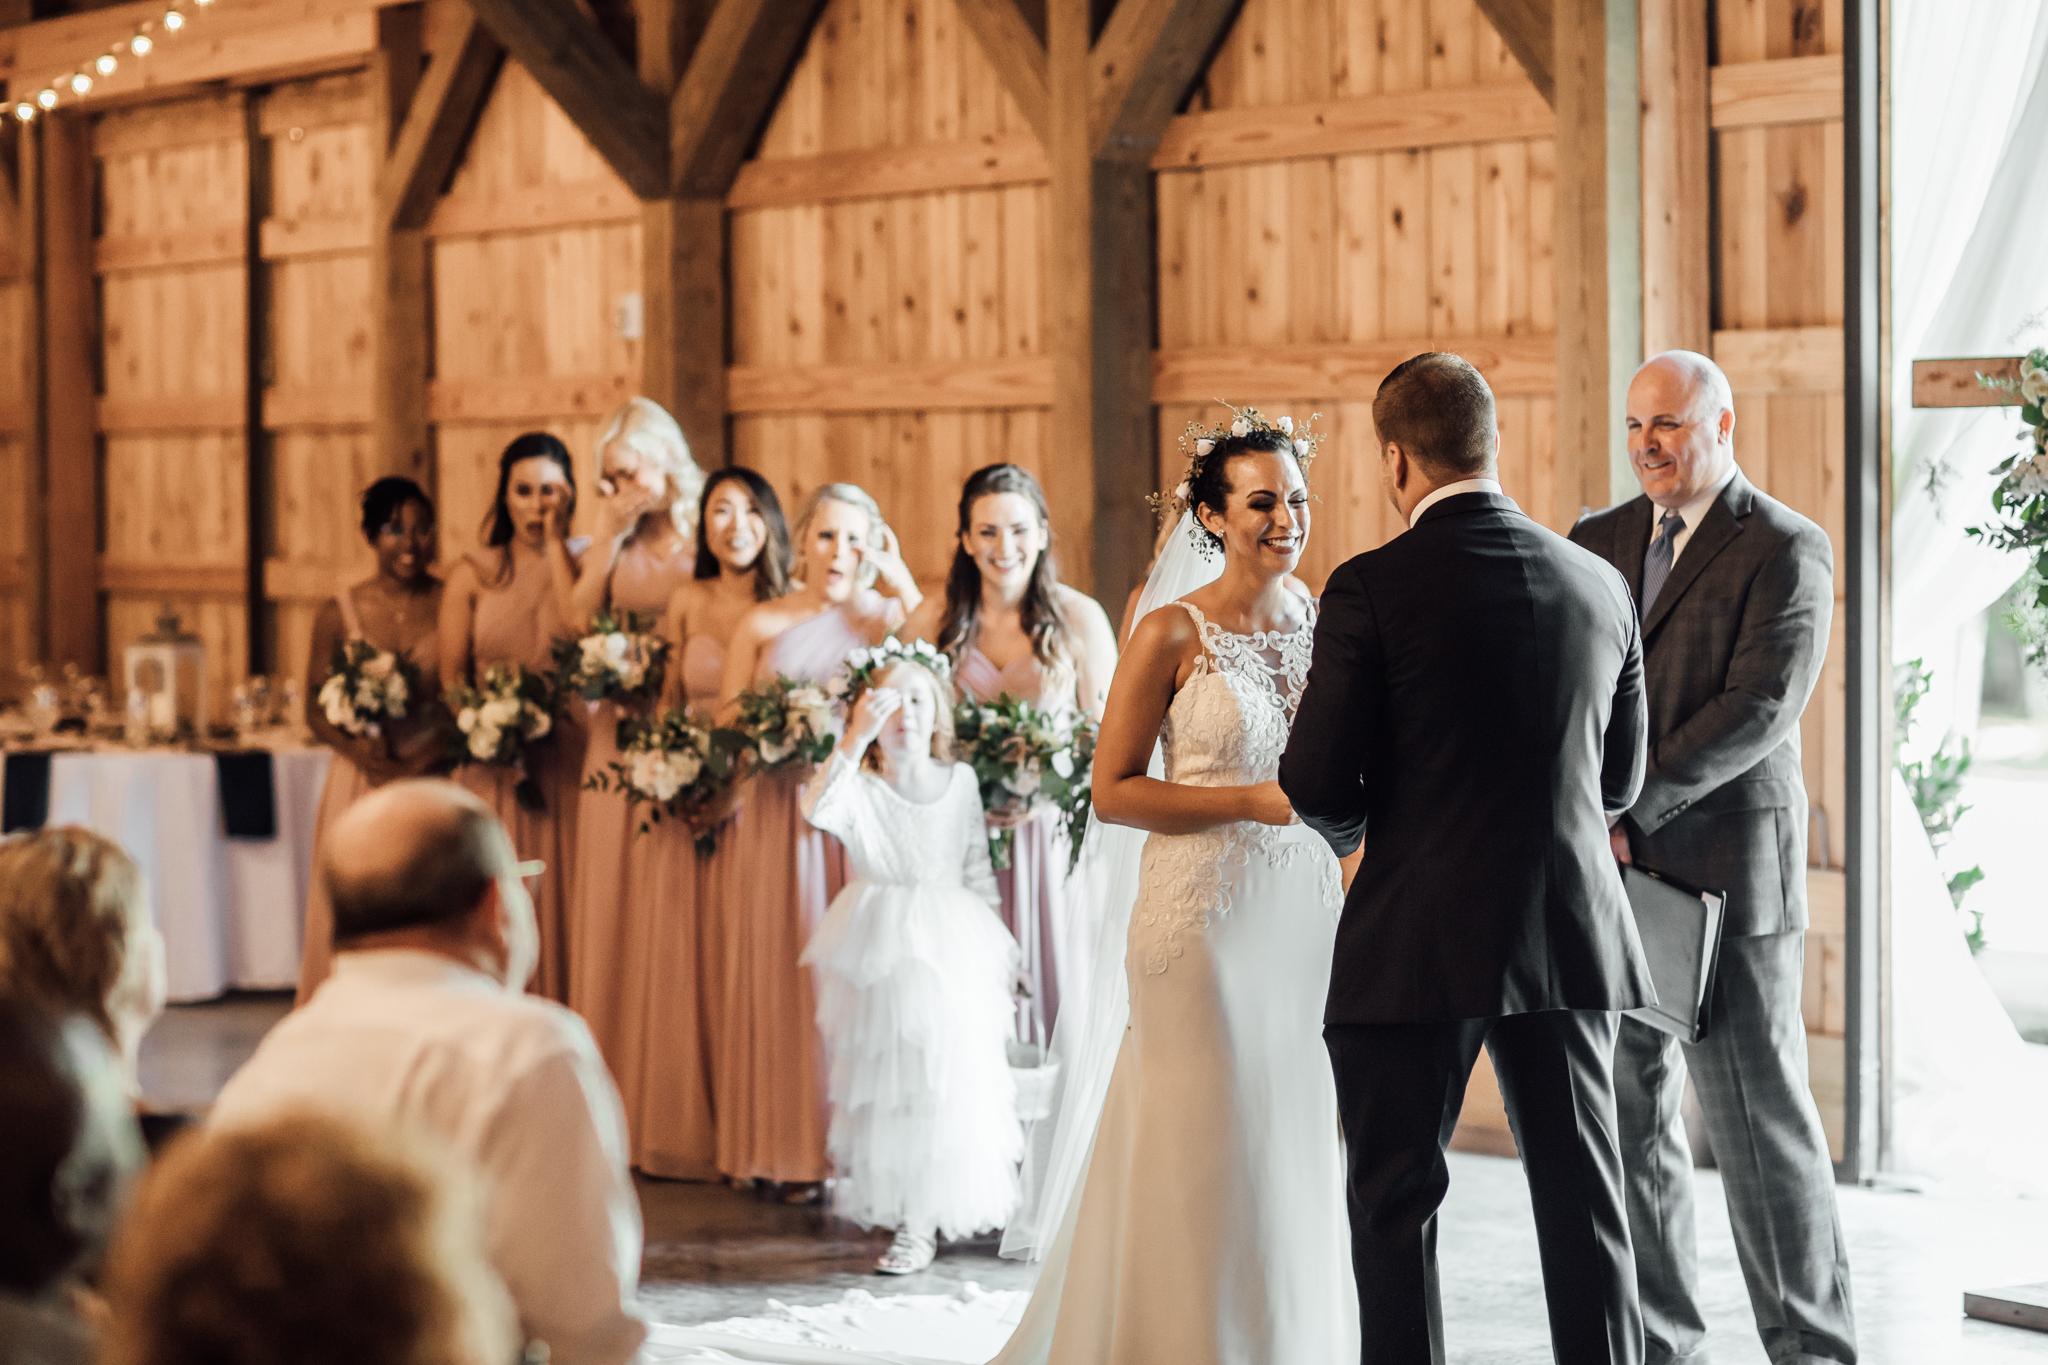 saddlewoodsfarms-nashville-wedding-photographer-thewarmtharoundyou-rustic-wedding (205 of 251).jpg